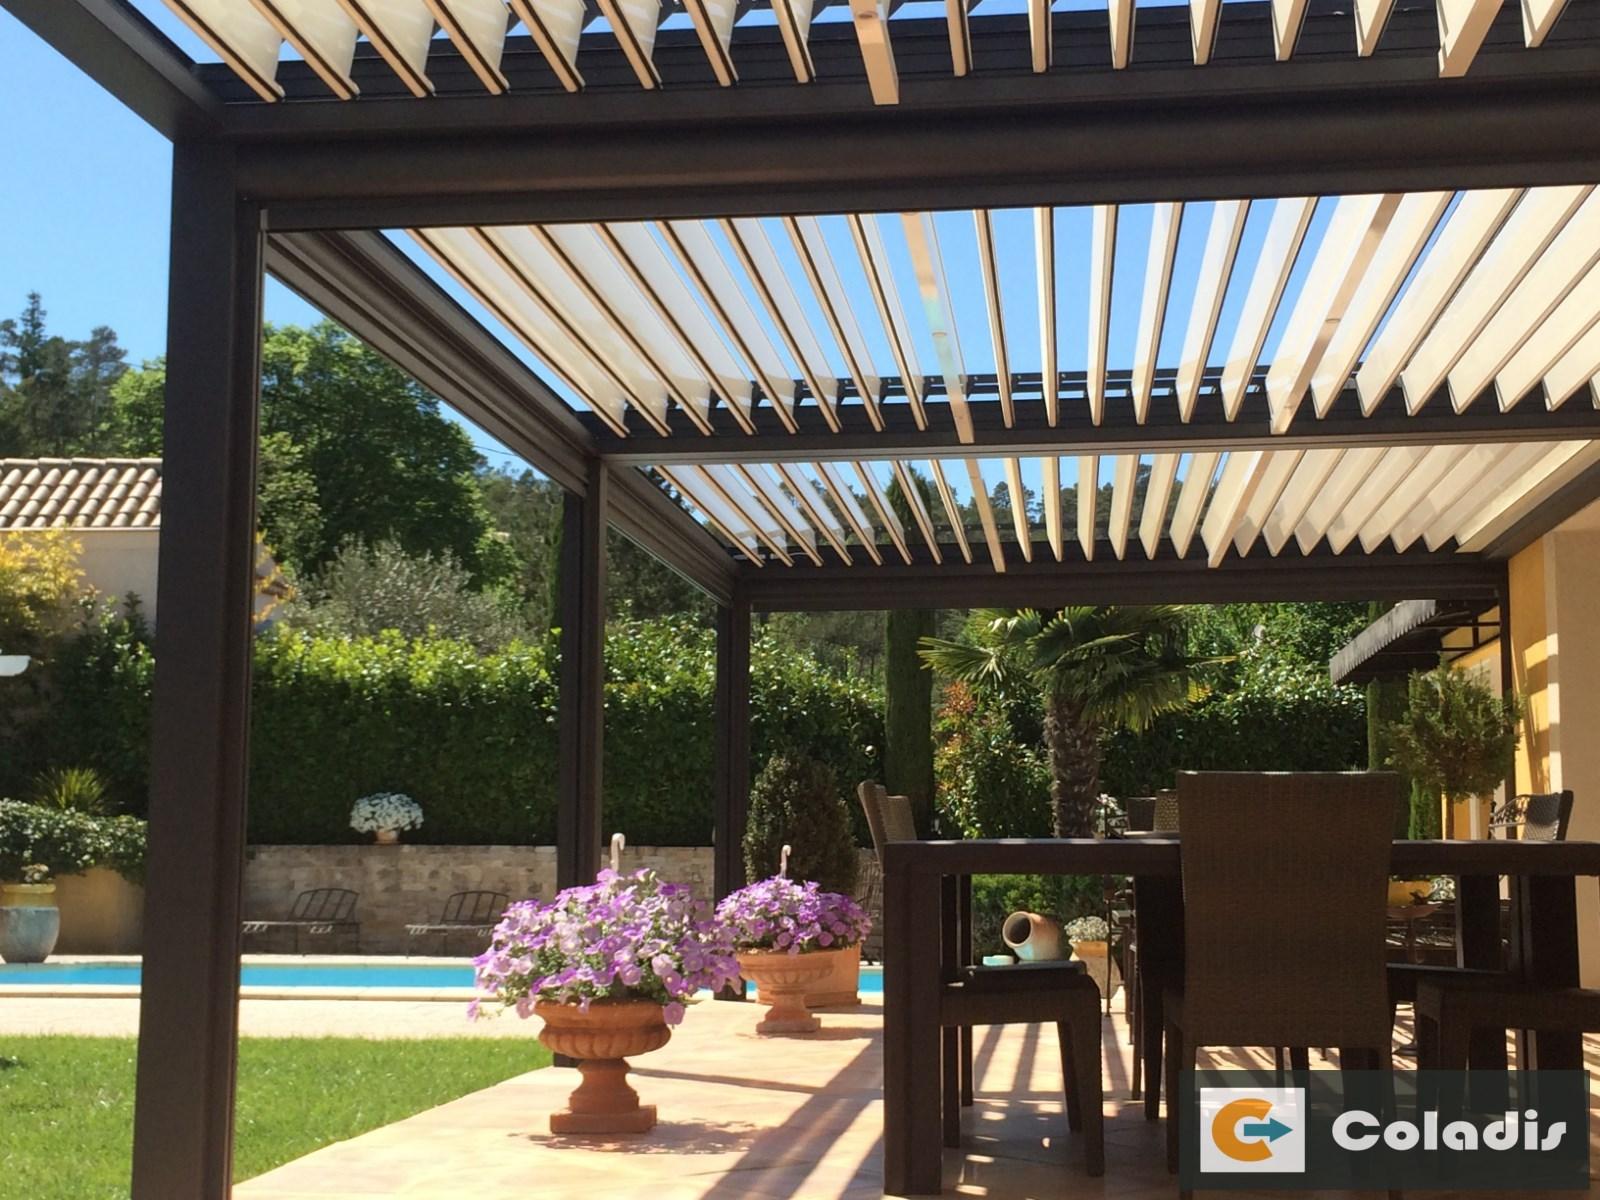 Coladis pergola bioclimatique aluminium lames orientables Clermont Hérault 34